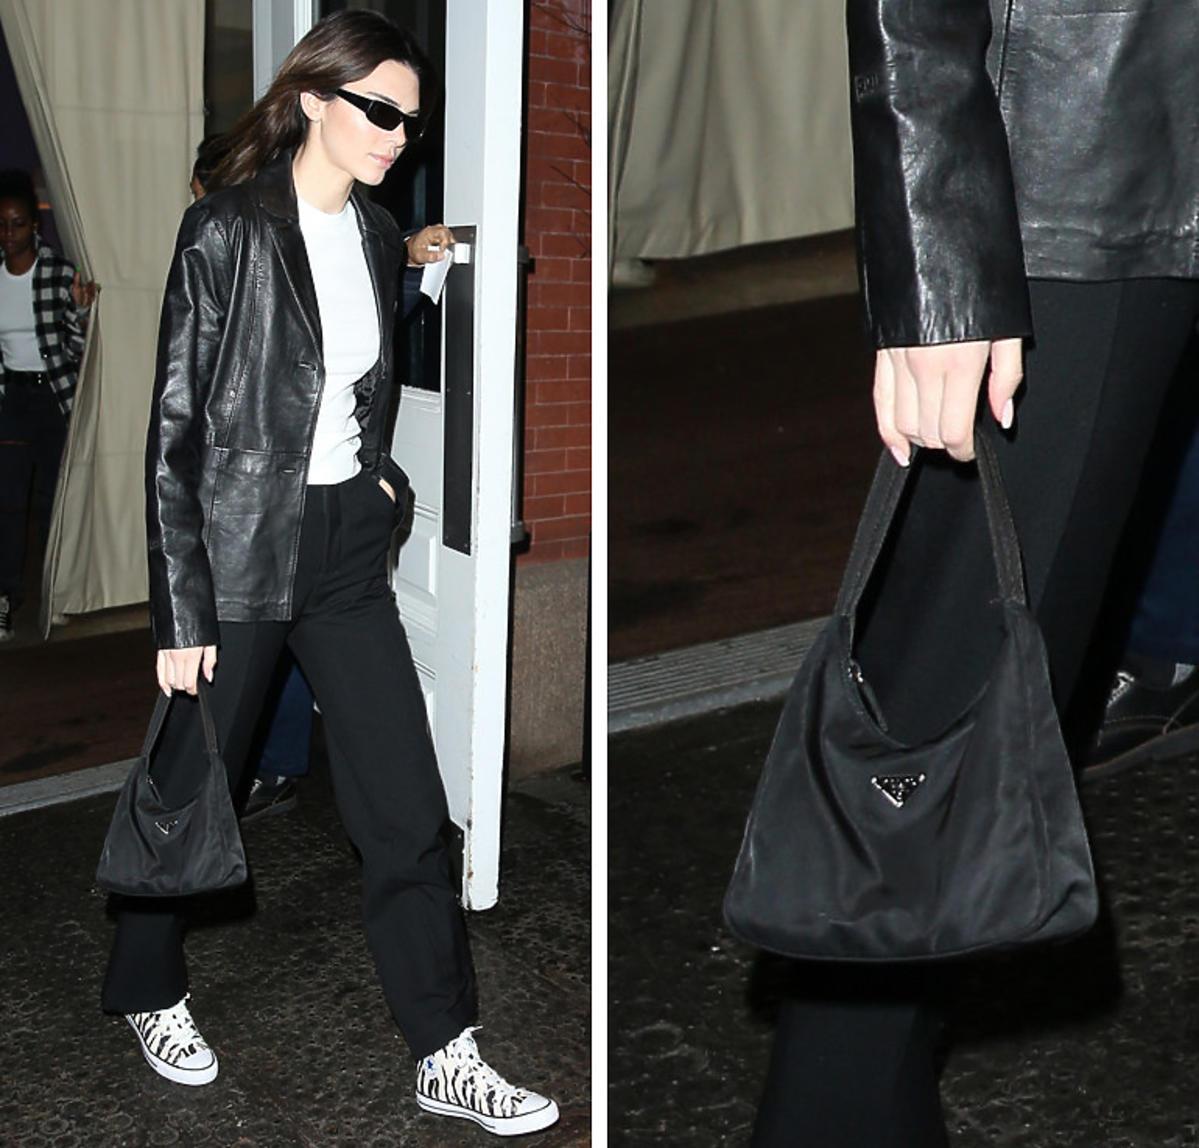 Prada wypuściła najtańszą torebkę wszech czasów! To kultowa Nylon bag